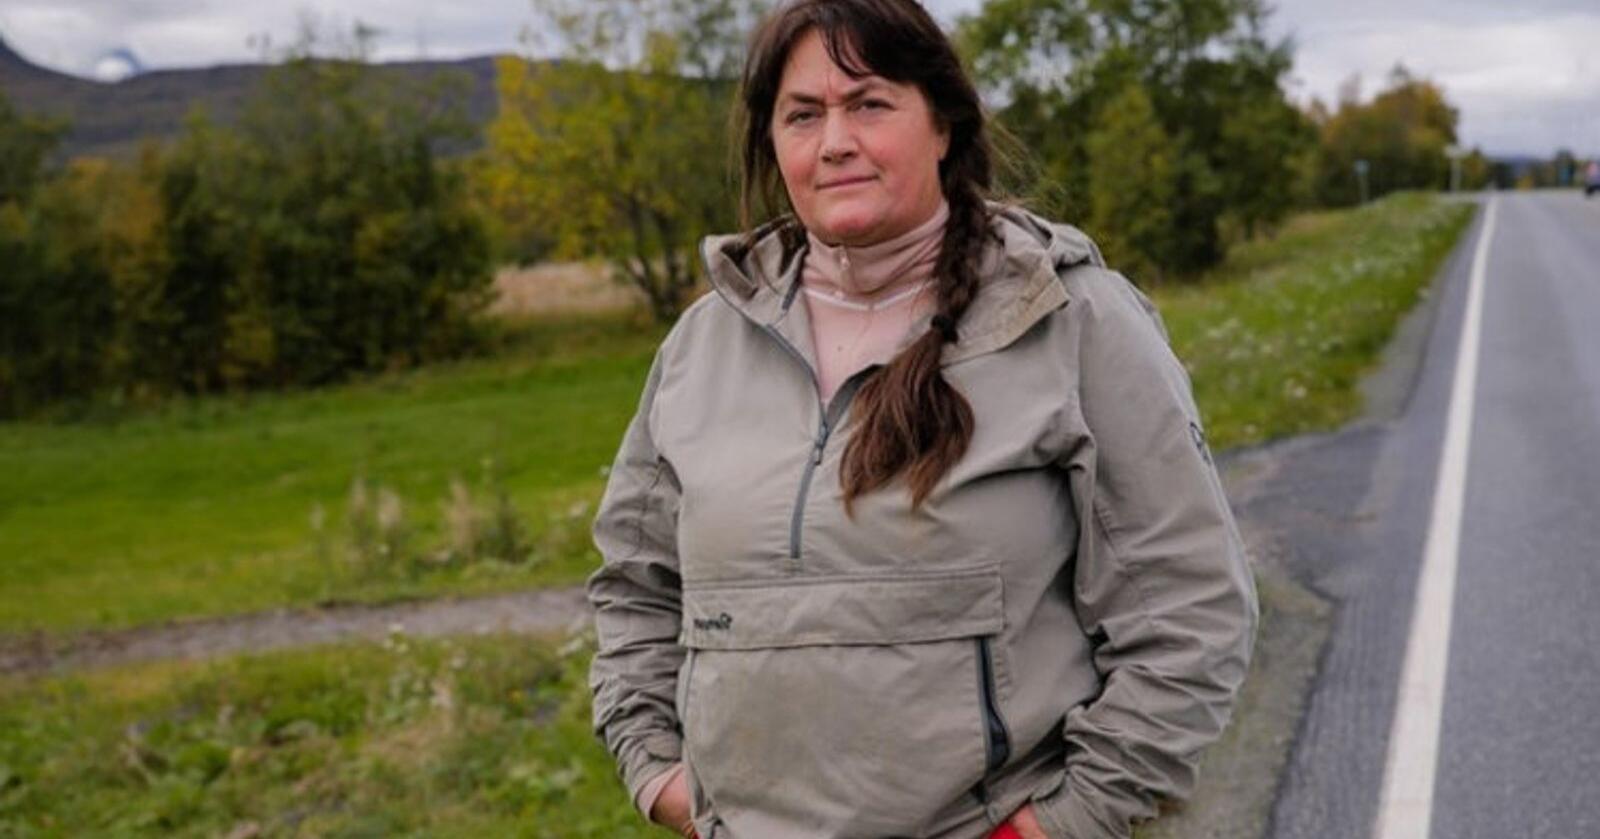 Ann Kristin Mortensen er ikke i tvil om at setebeltet ville ha reddet livet til mannen Wiggo, som omkom i en traktorvelt i denne avkjørselen i Målselv.  Foto: Trond Høines/Spoon